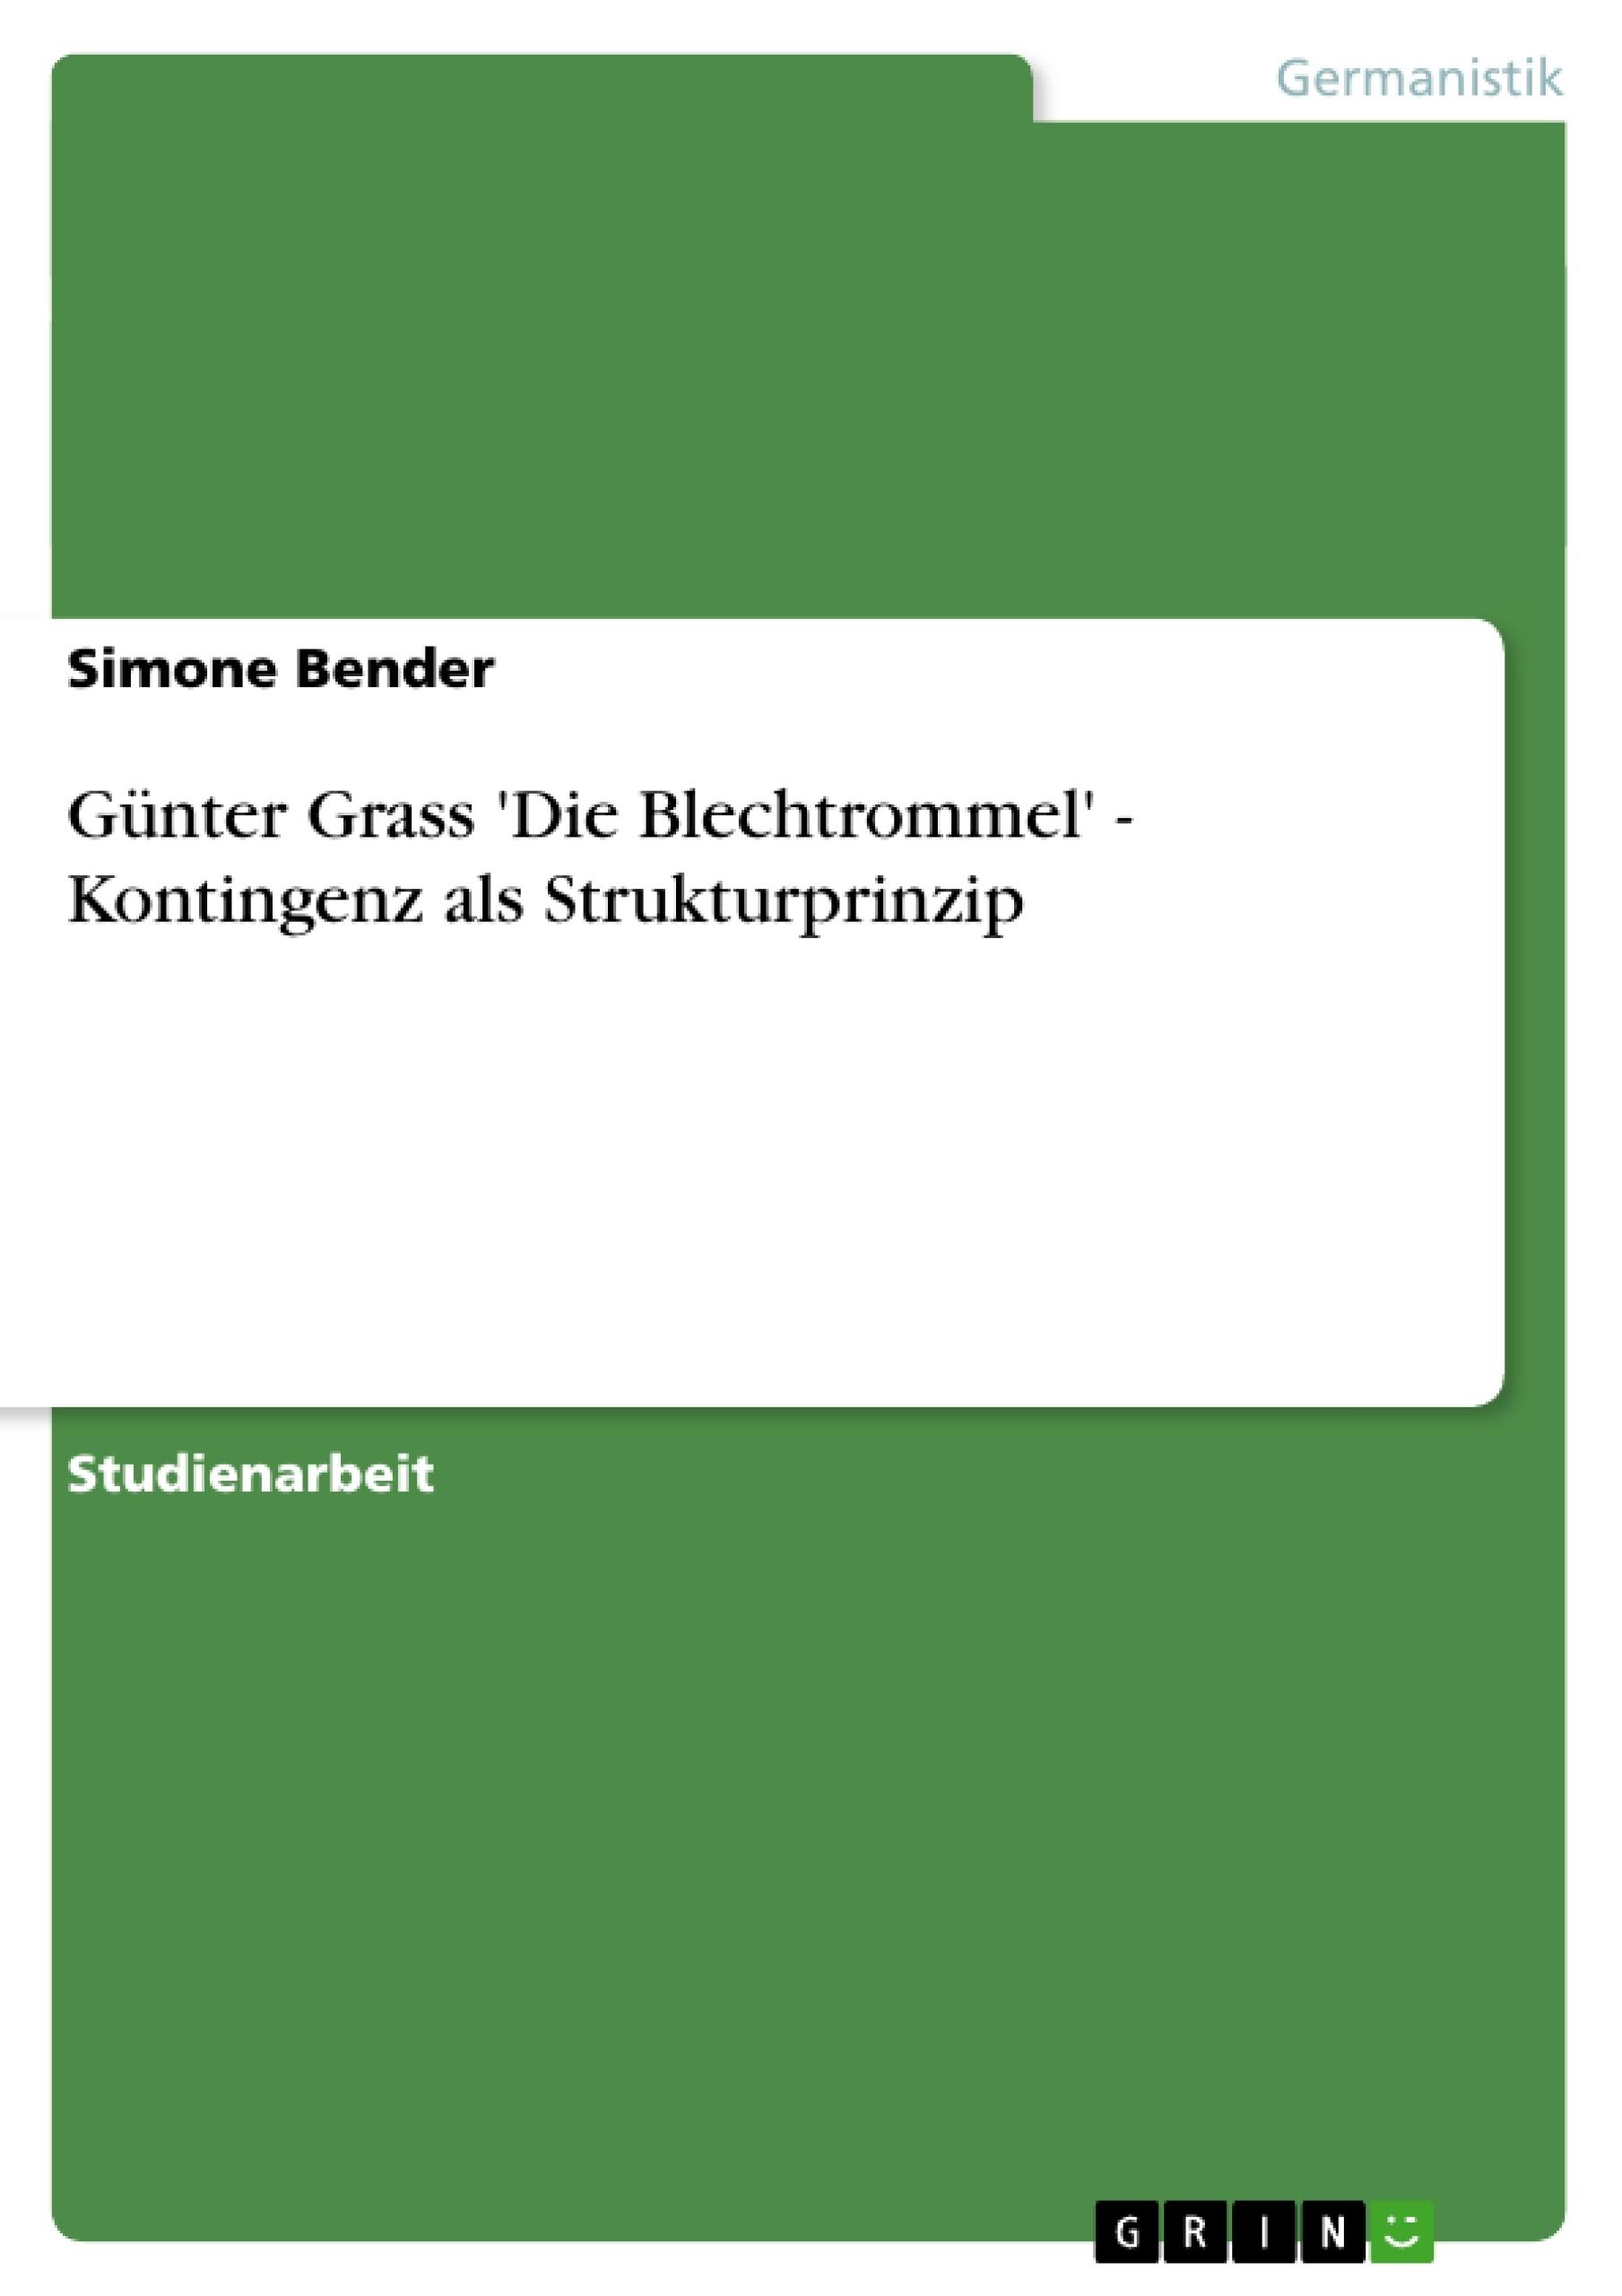 Titel: Günter Grass 'Die Blechtrommel' - Kontingenz als Strukturprinzip